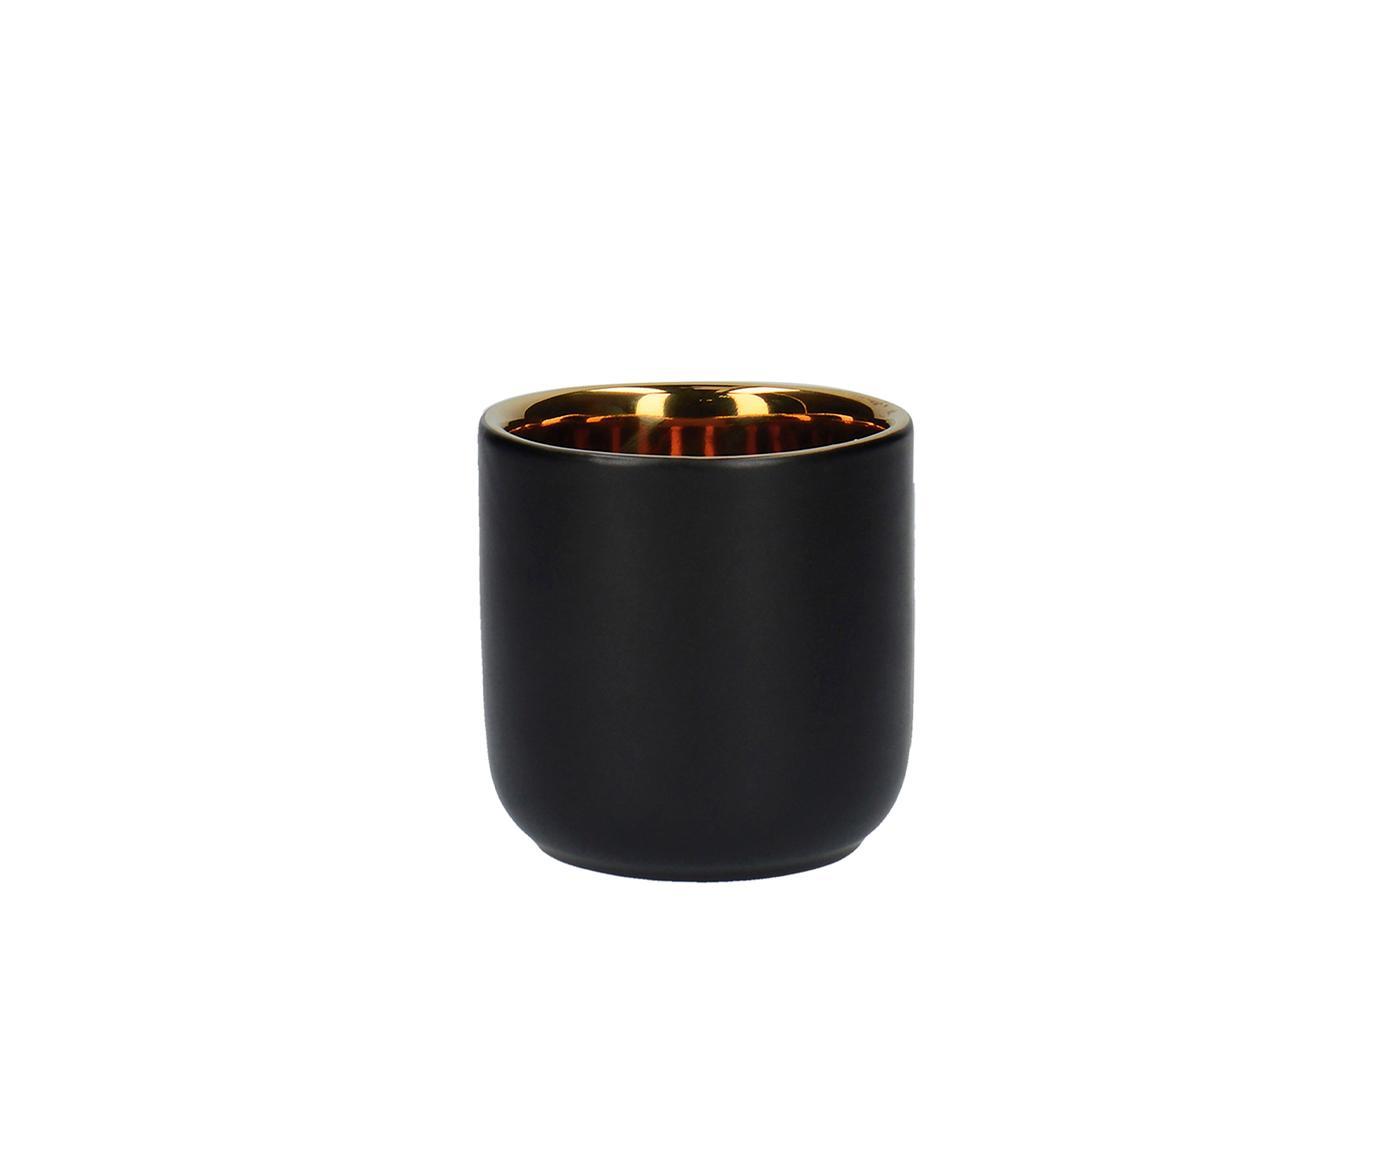 Espressobecher La Cafetiere, 2 Stück, Steingut, Schwarz, Messingfarben, Ø 8 x H 8 cm